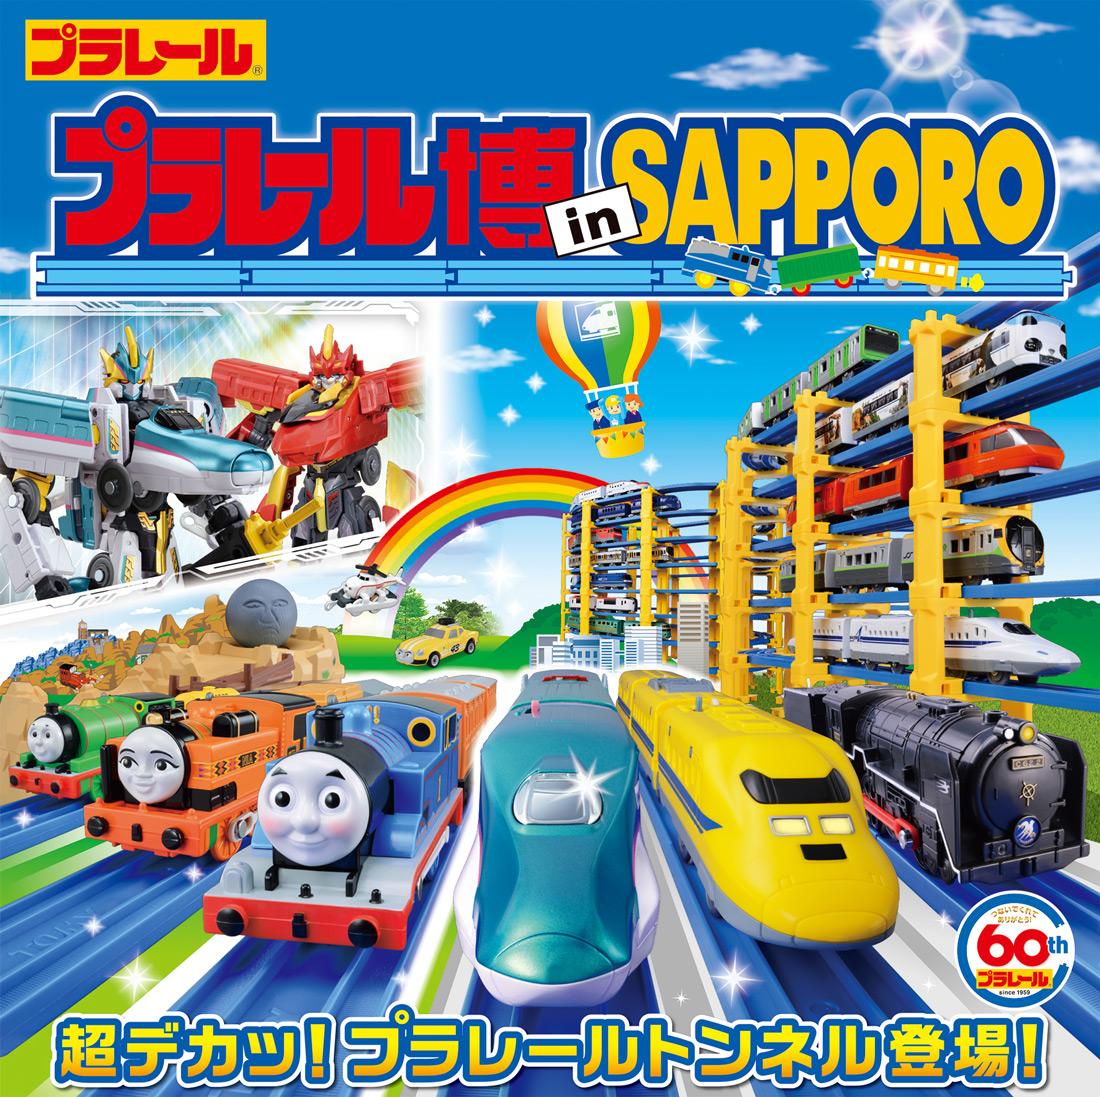 プラレール博 in SAPPORO ~超デカッ!プラレールトンネル登場!~